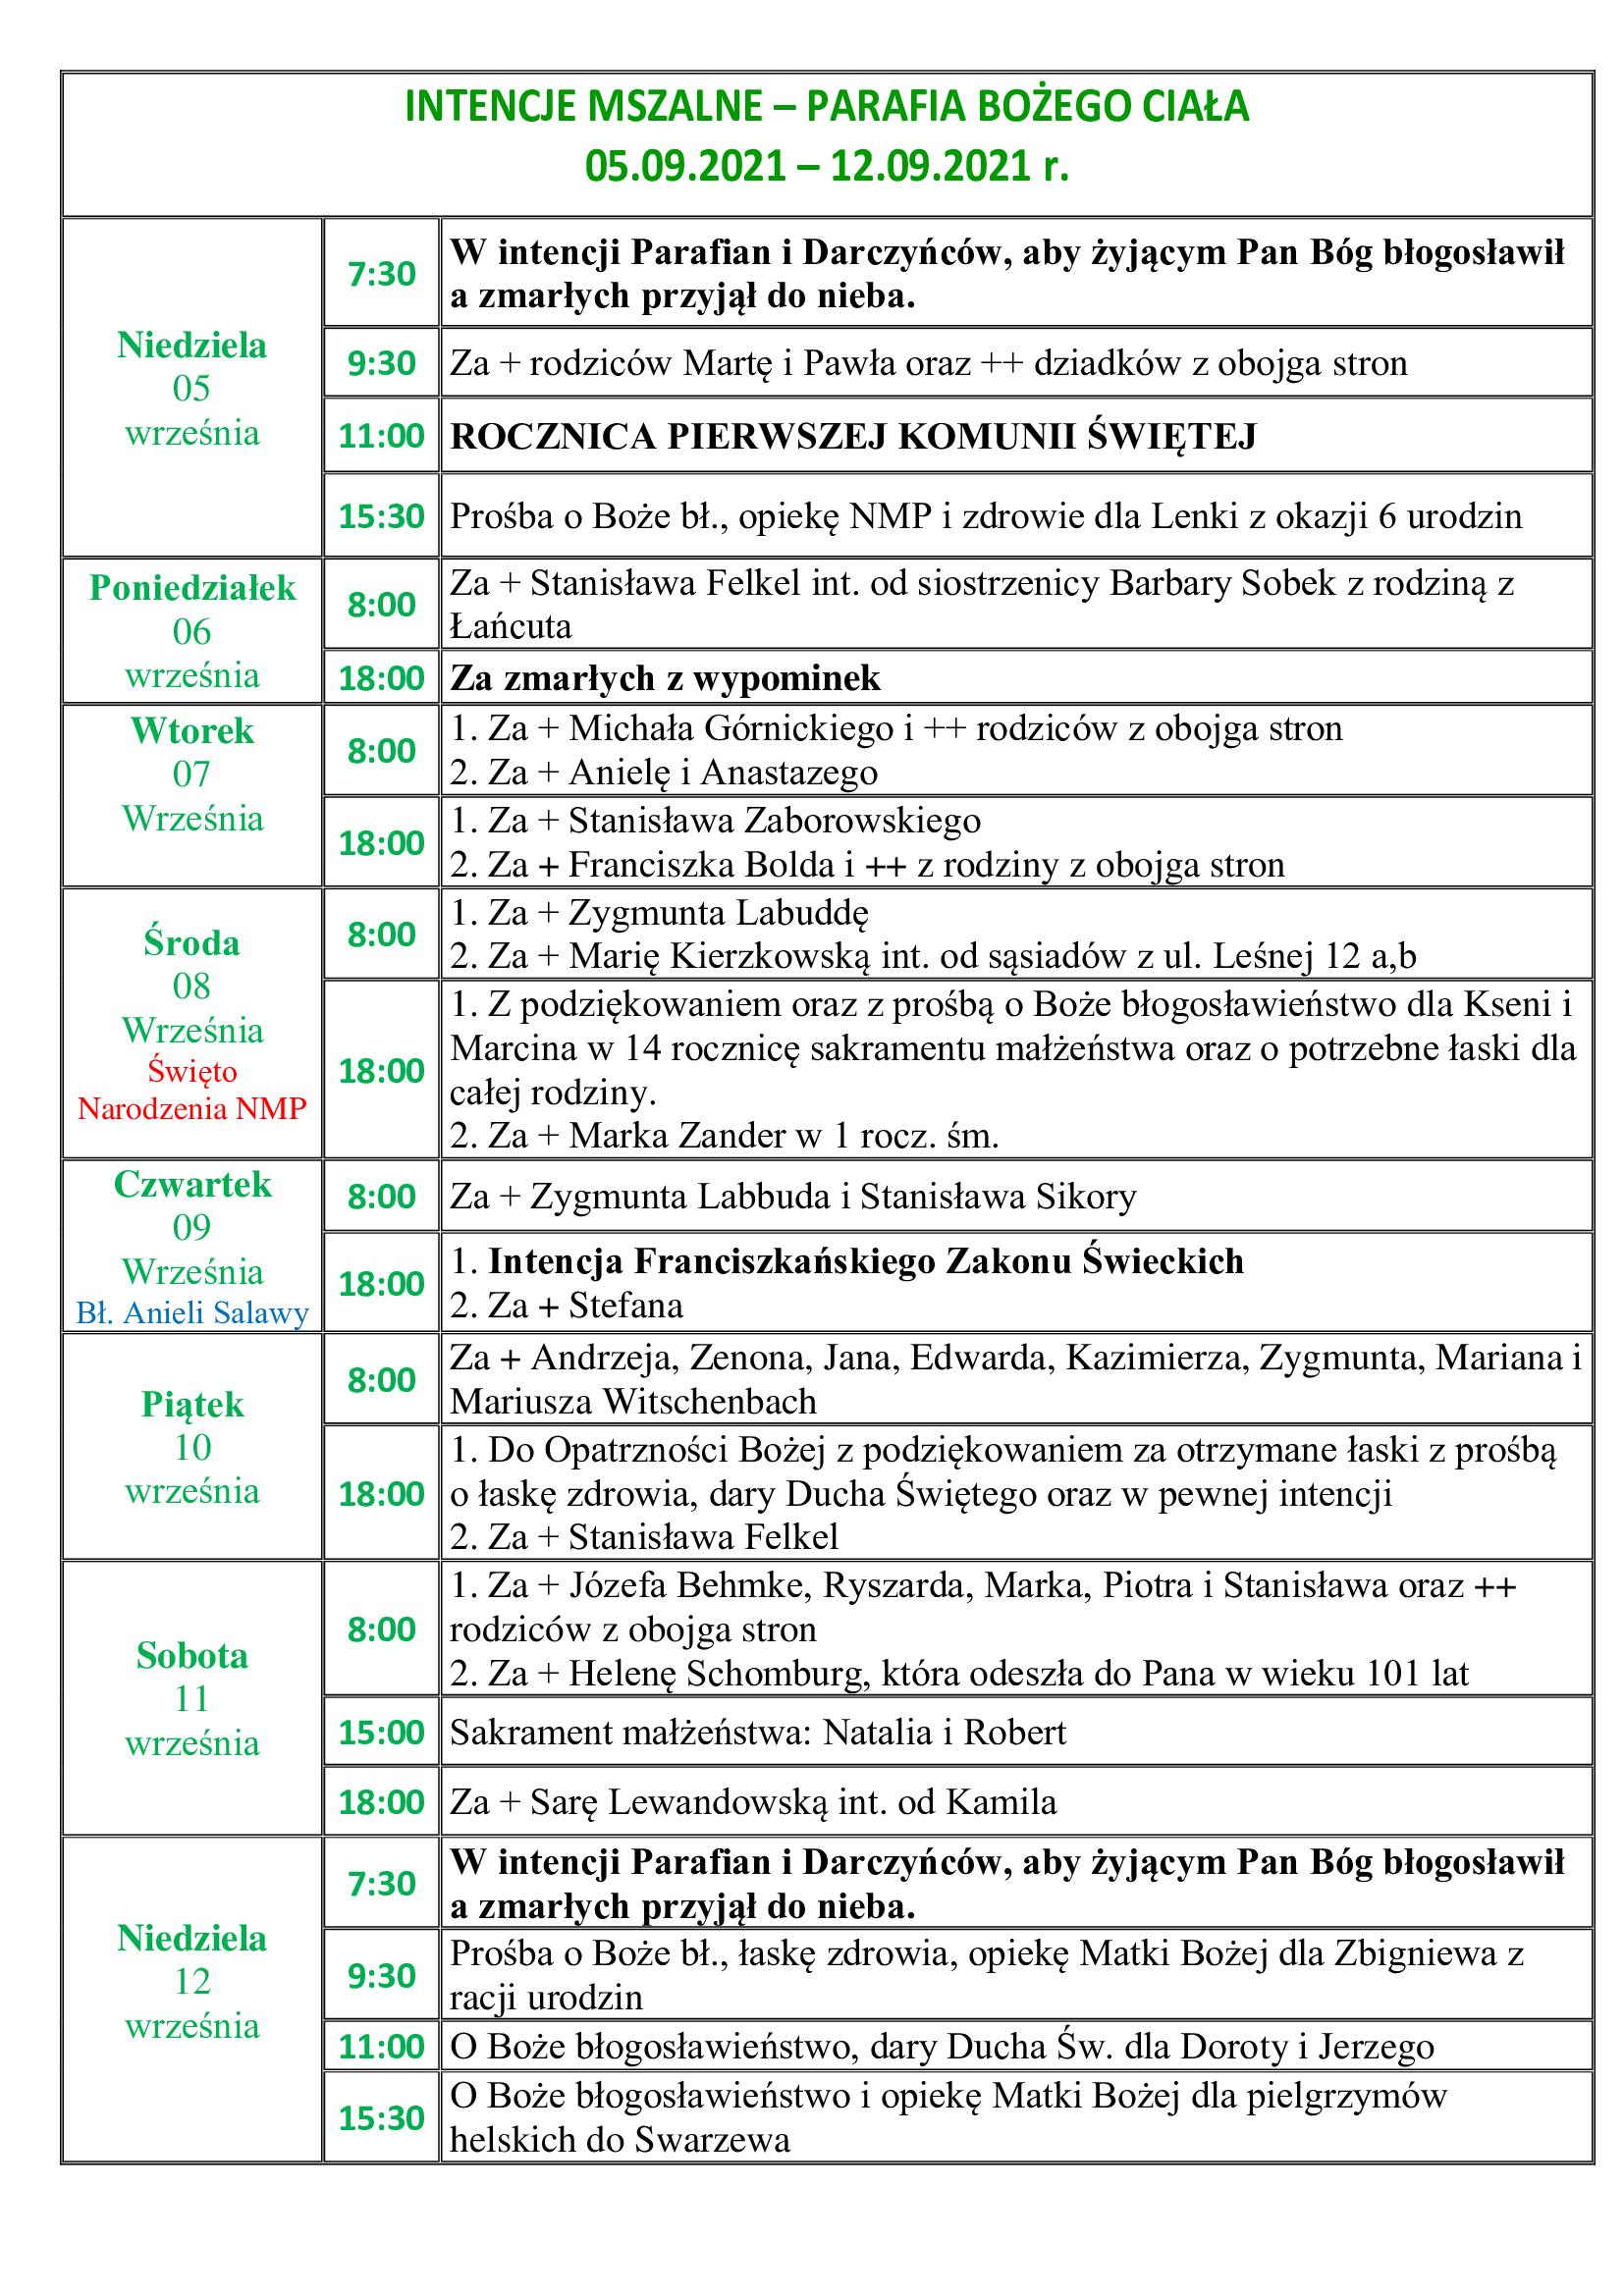 intencje-mszalne-23-niedziela-zwykla-05-09-2021-12-09-2021-r